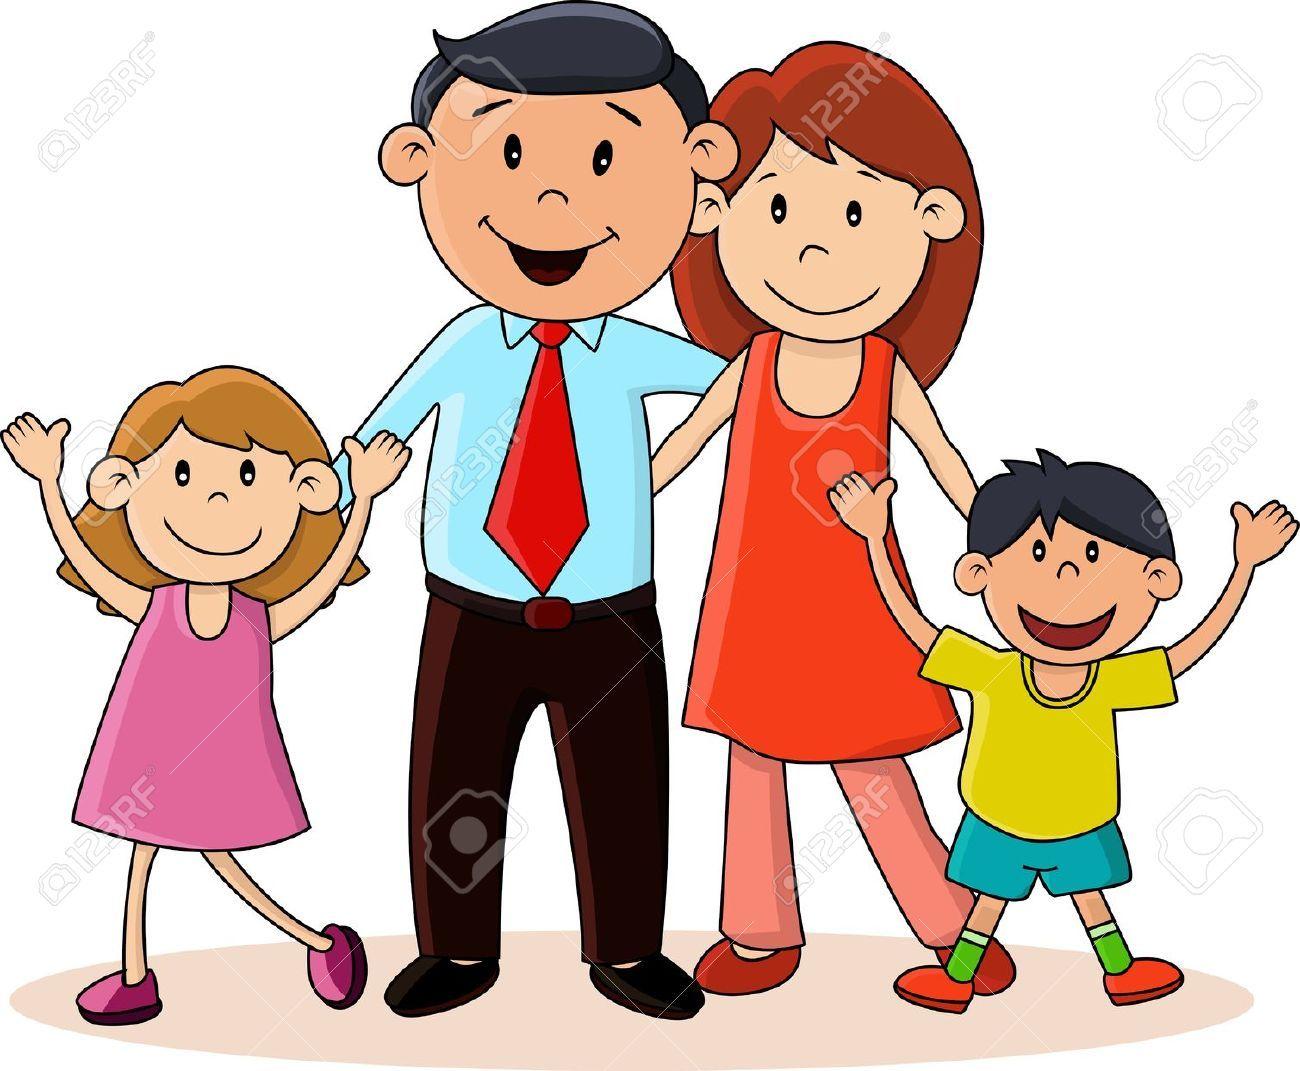 Resultado de imagen para imagenes infantiles de familias.